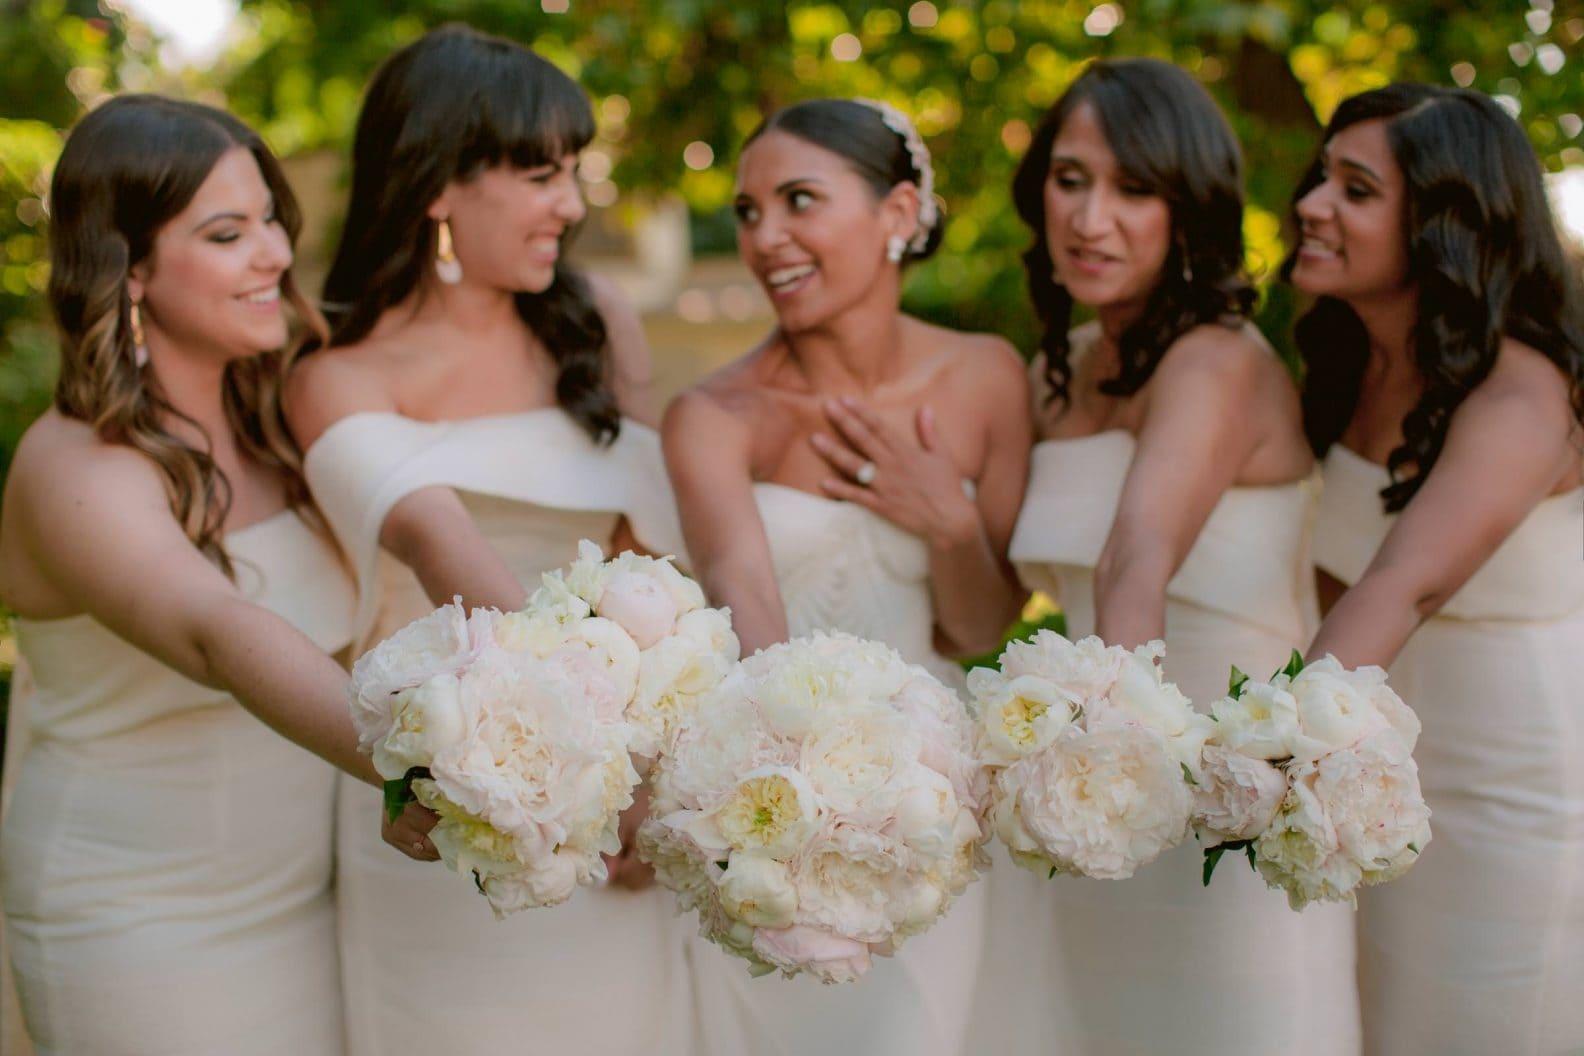 bridesmaids' flower bouquets